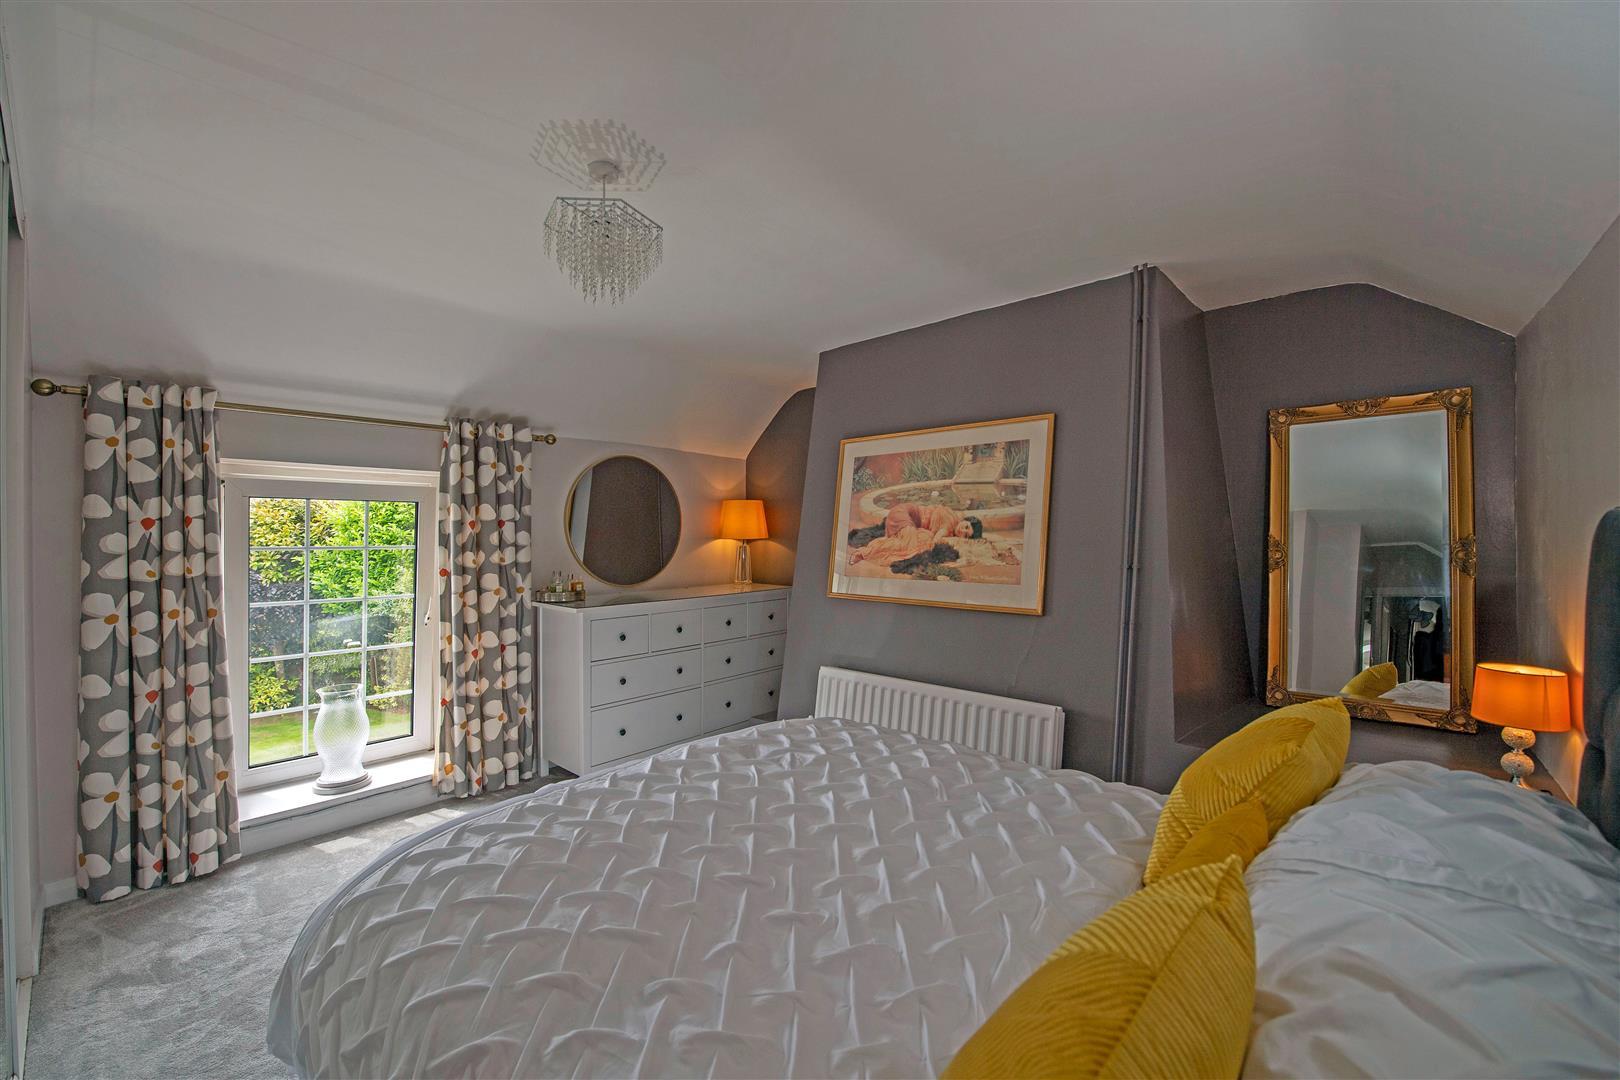 Longcroft, Horton, Swansea, SA3 1LQ